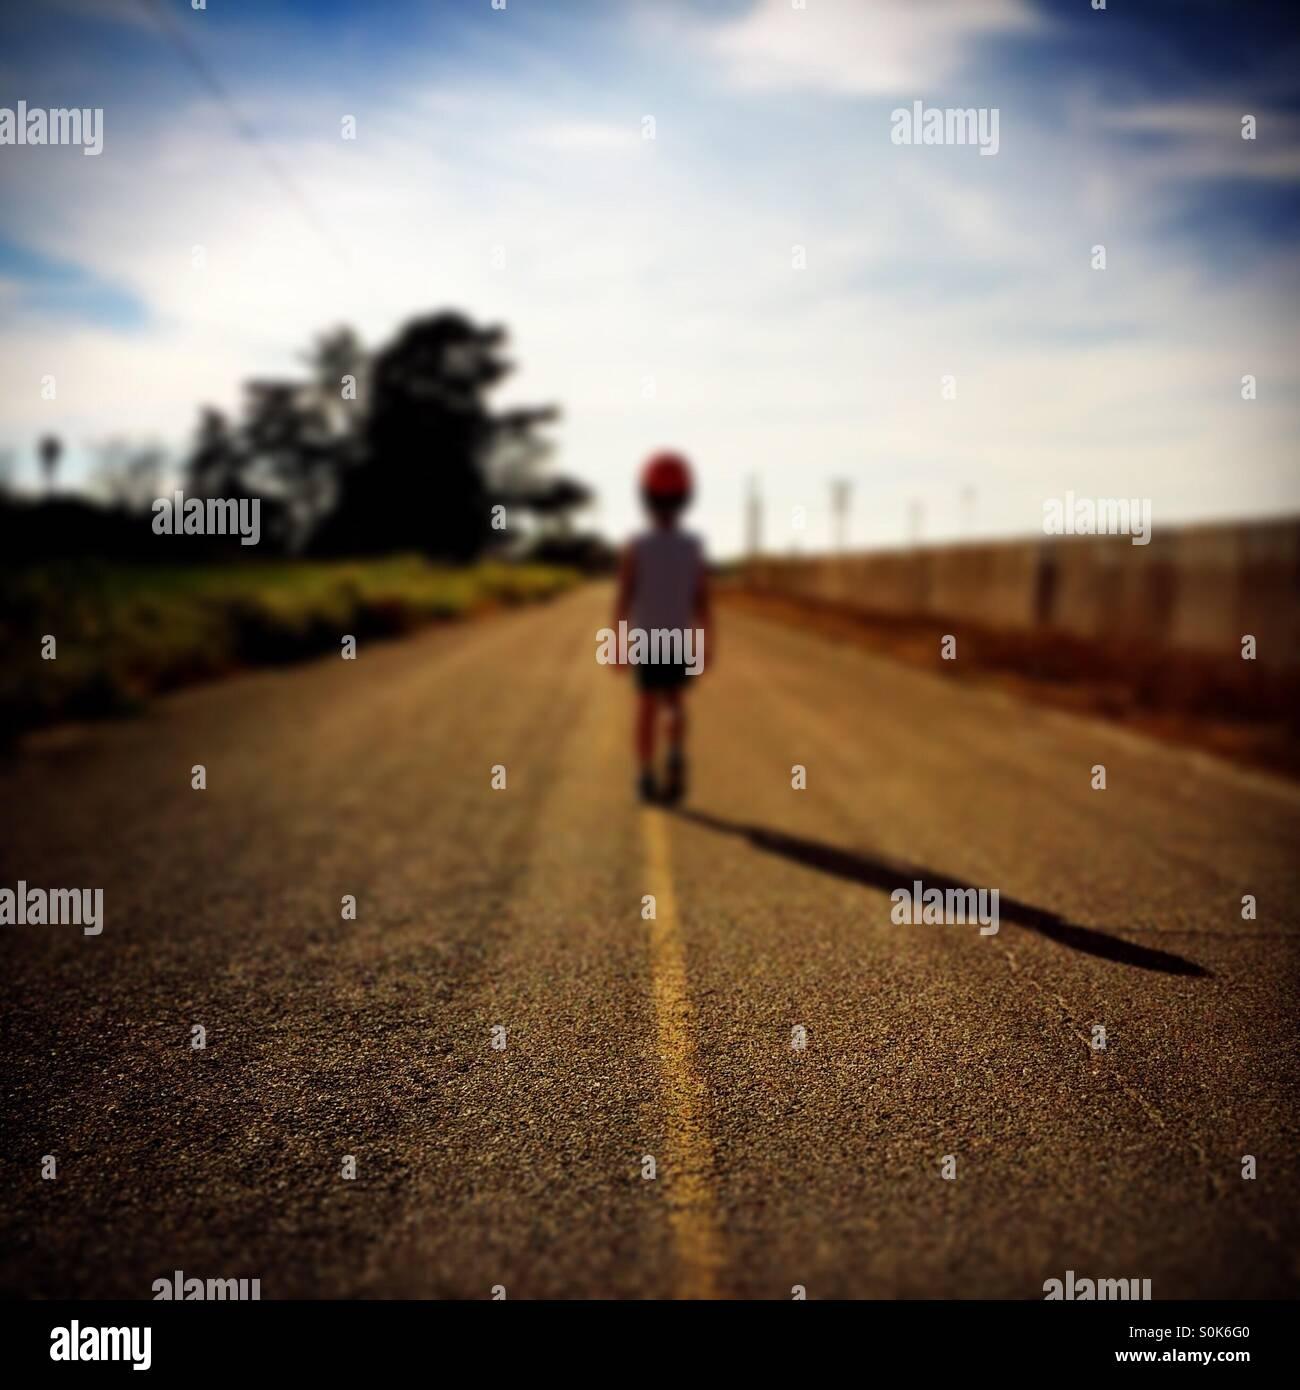 Un niño de 7 años se encuentra en medio de una carretera rural llevando su casco de bicicleta. Imagen De Stock